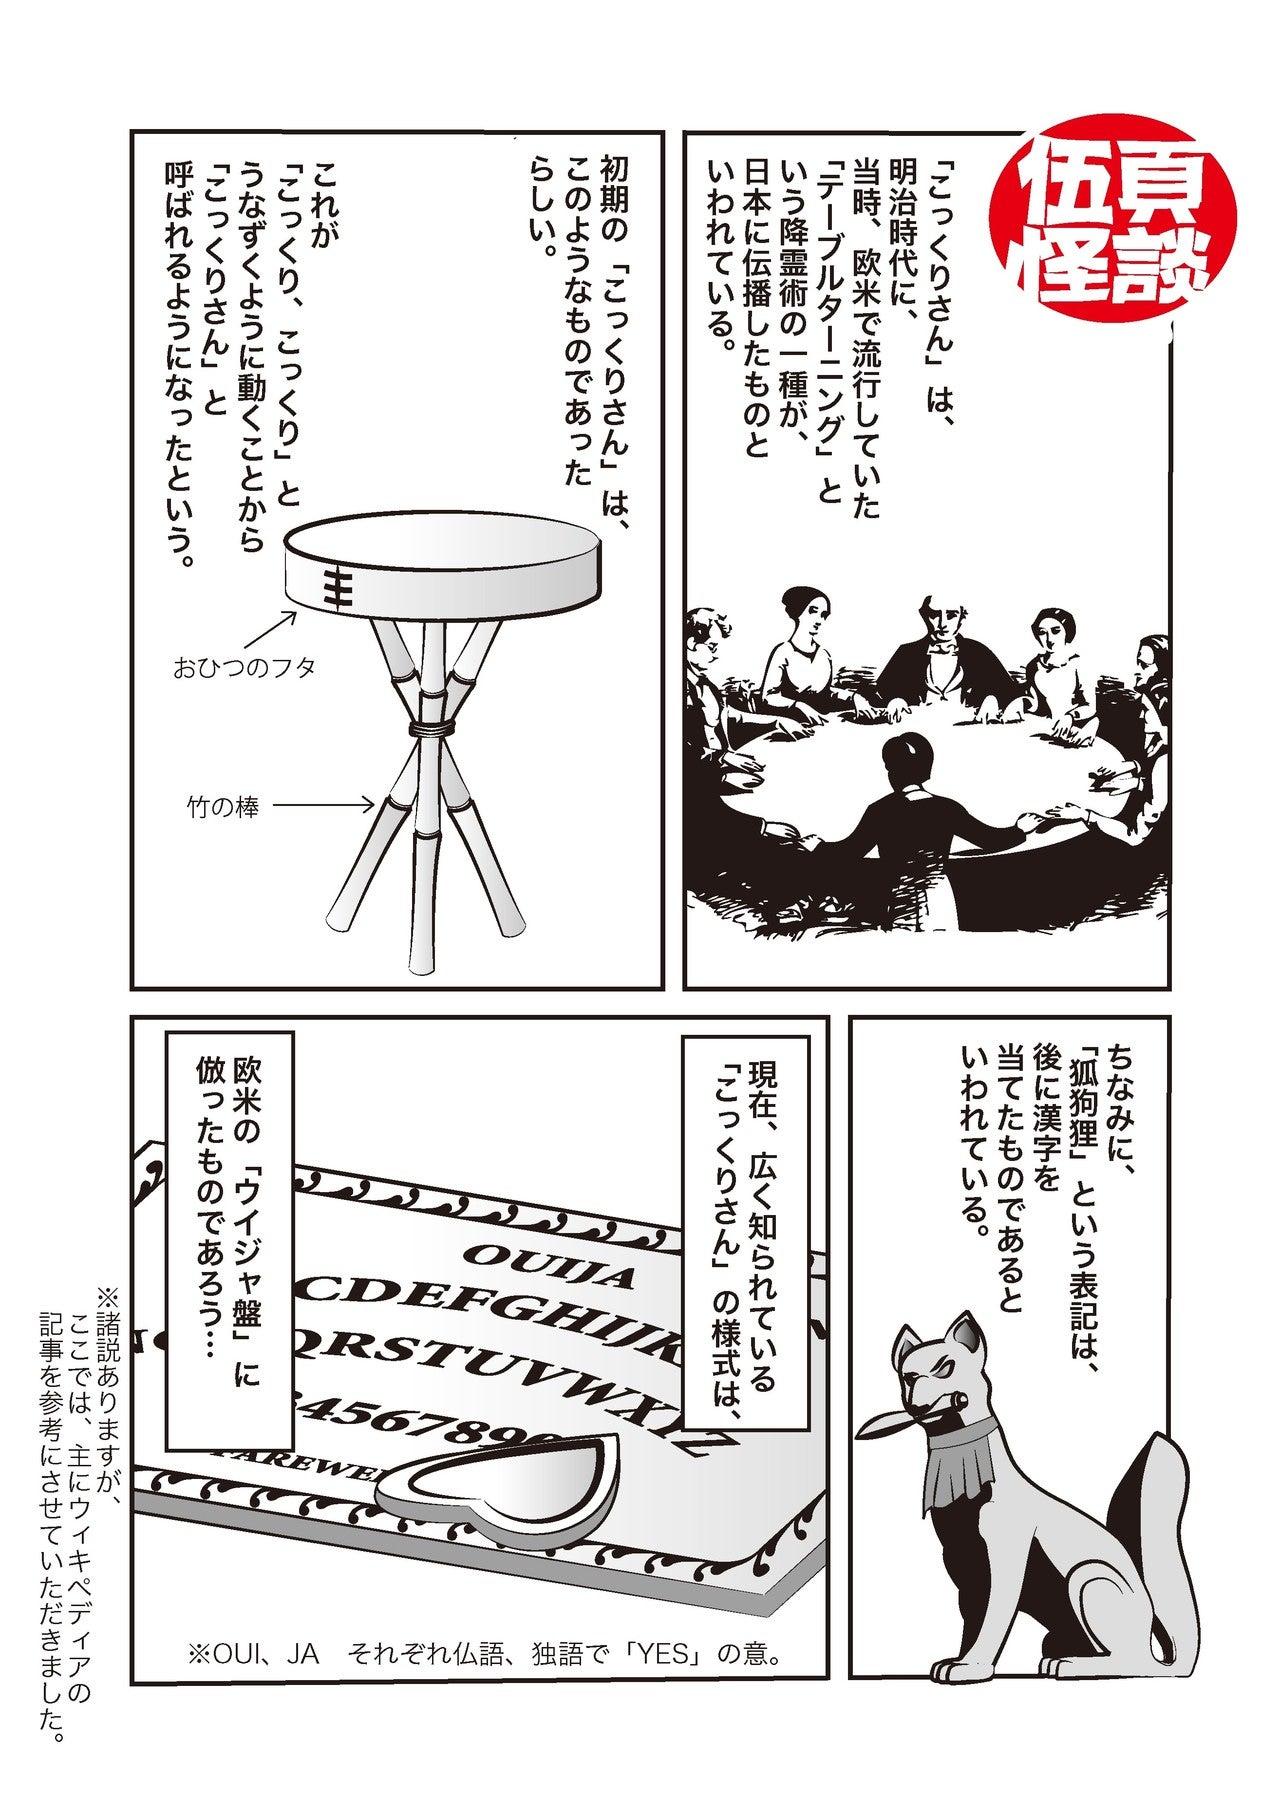 伍頁怪談・こっくりさん|捨文金五郎【怪談漫画】|note